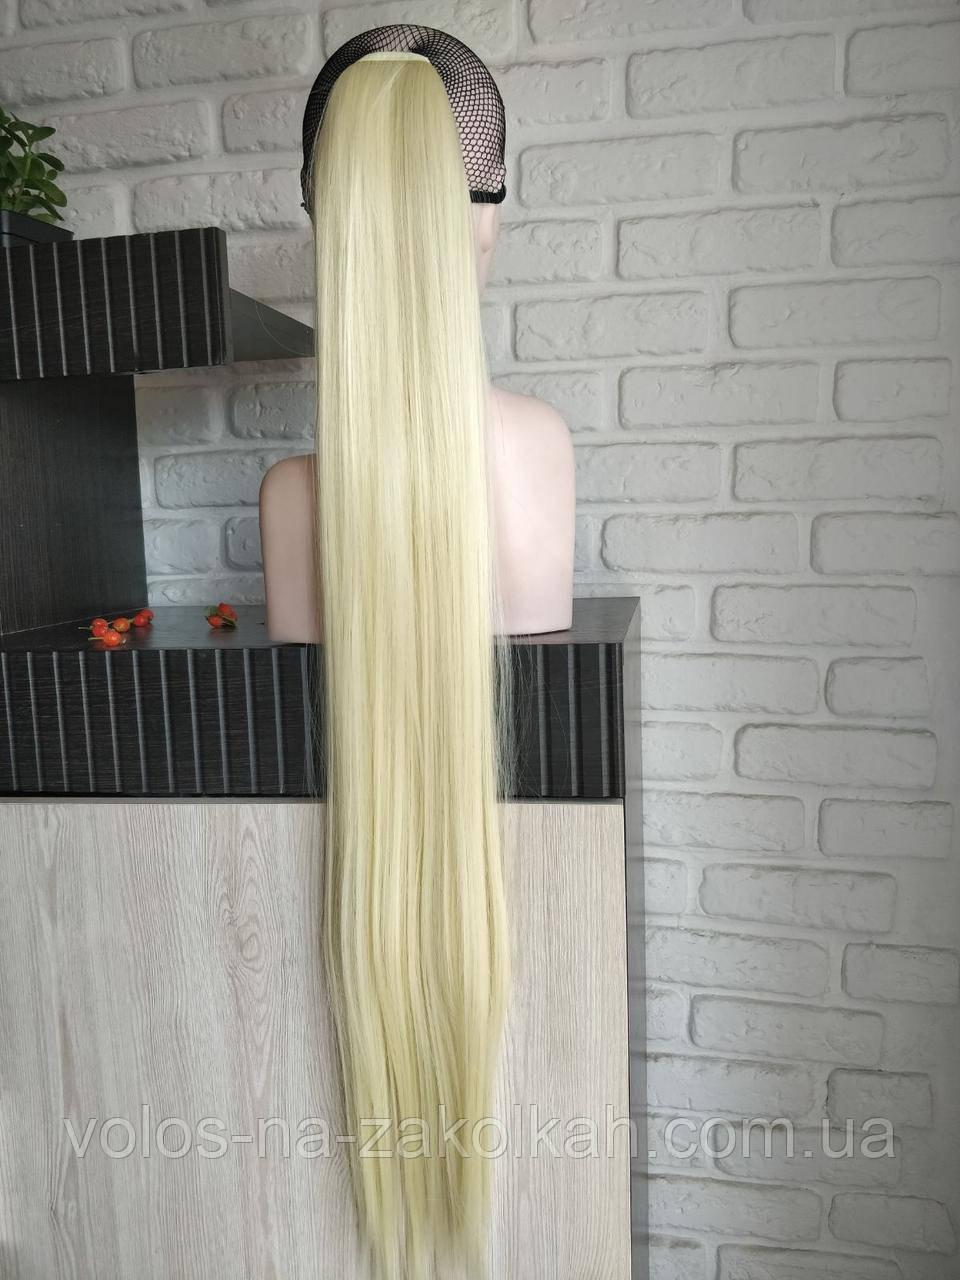 Хвост накладной на ленте цвет блонд  613 с желтинкой85см